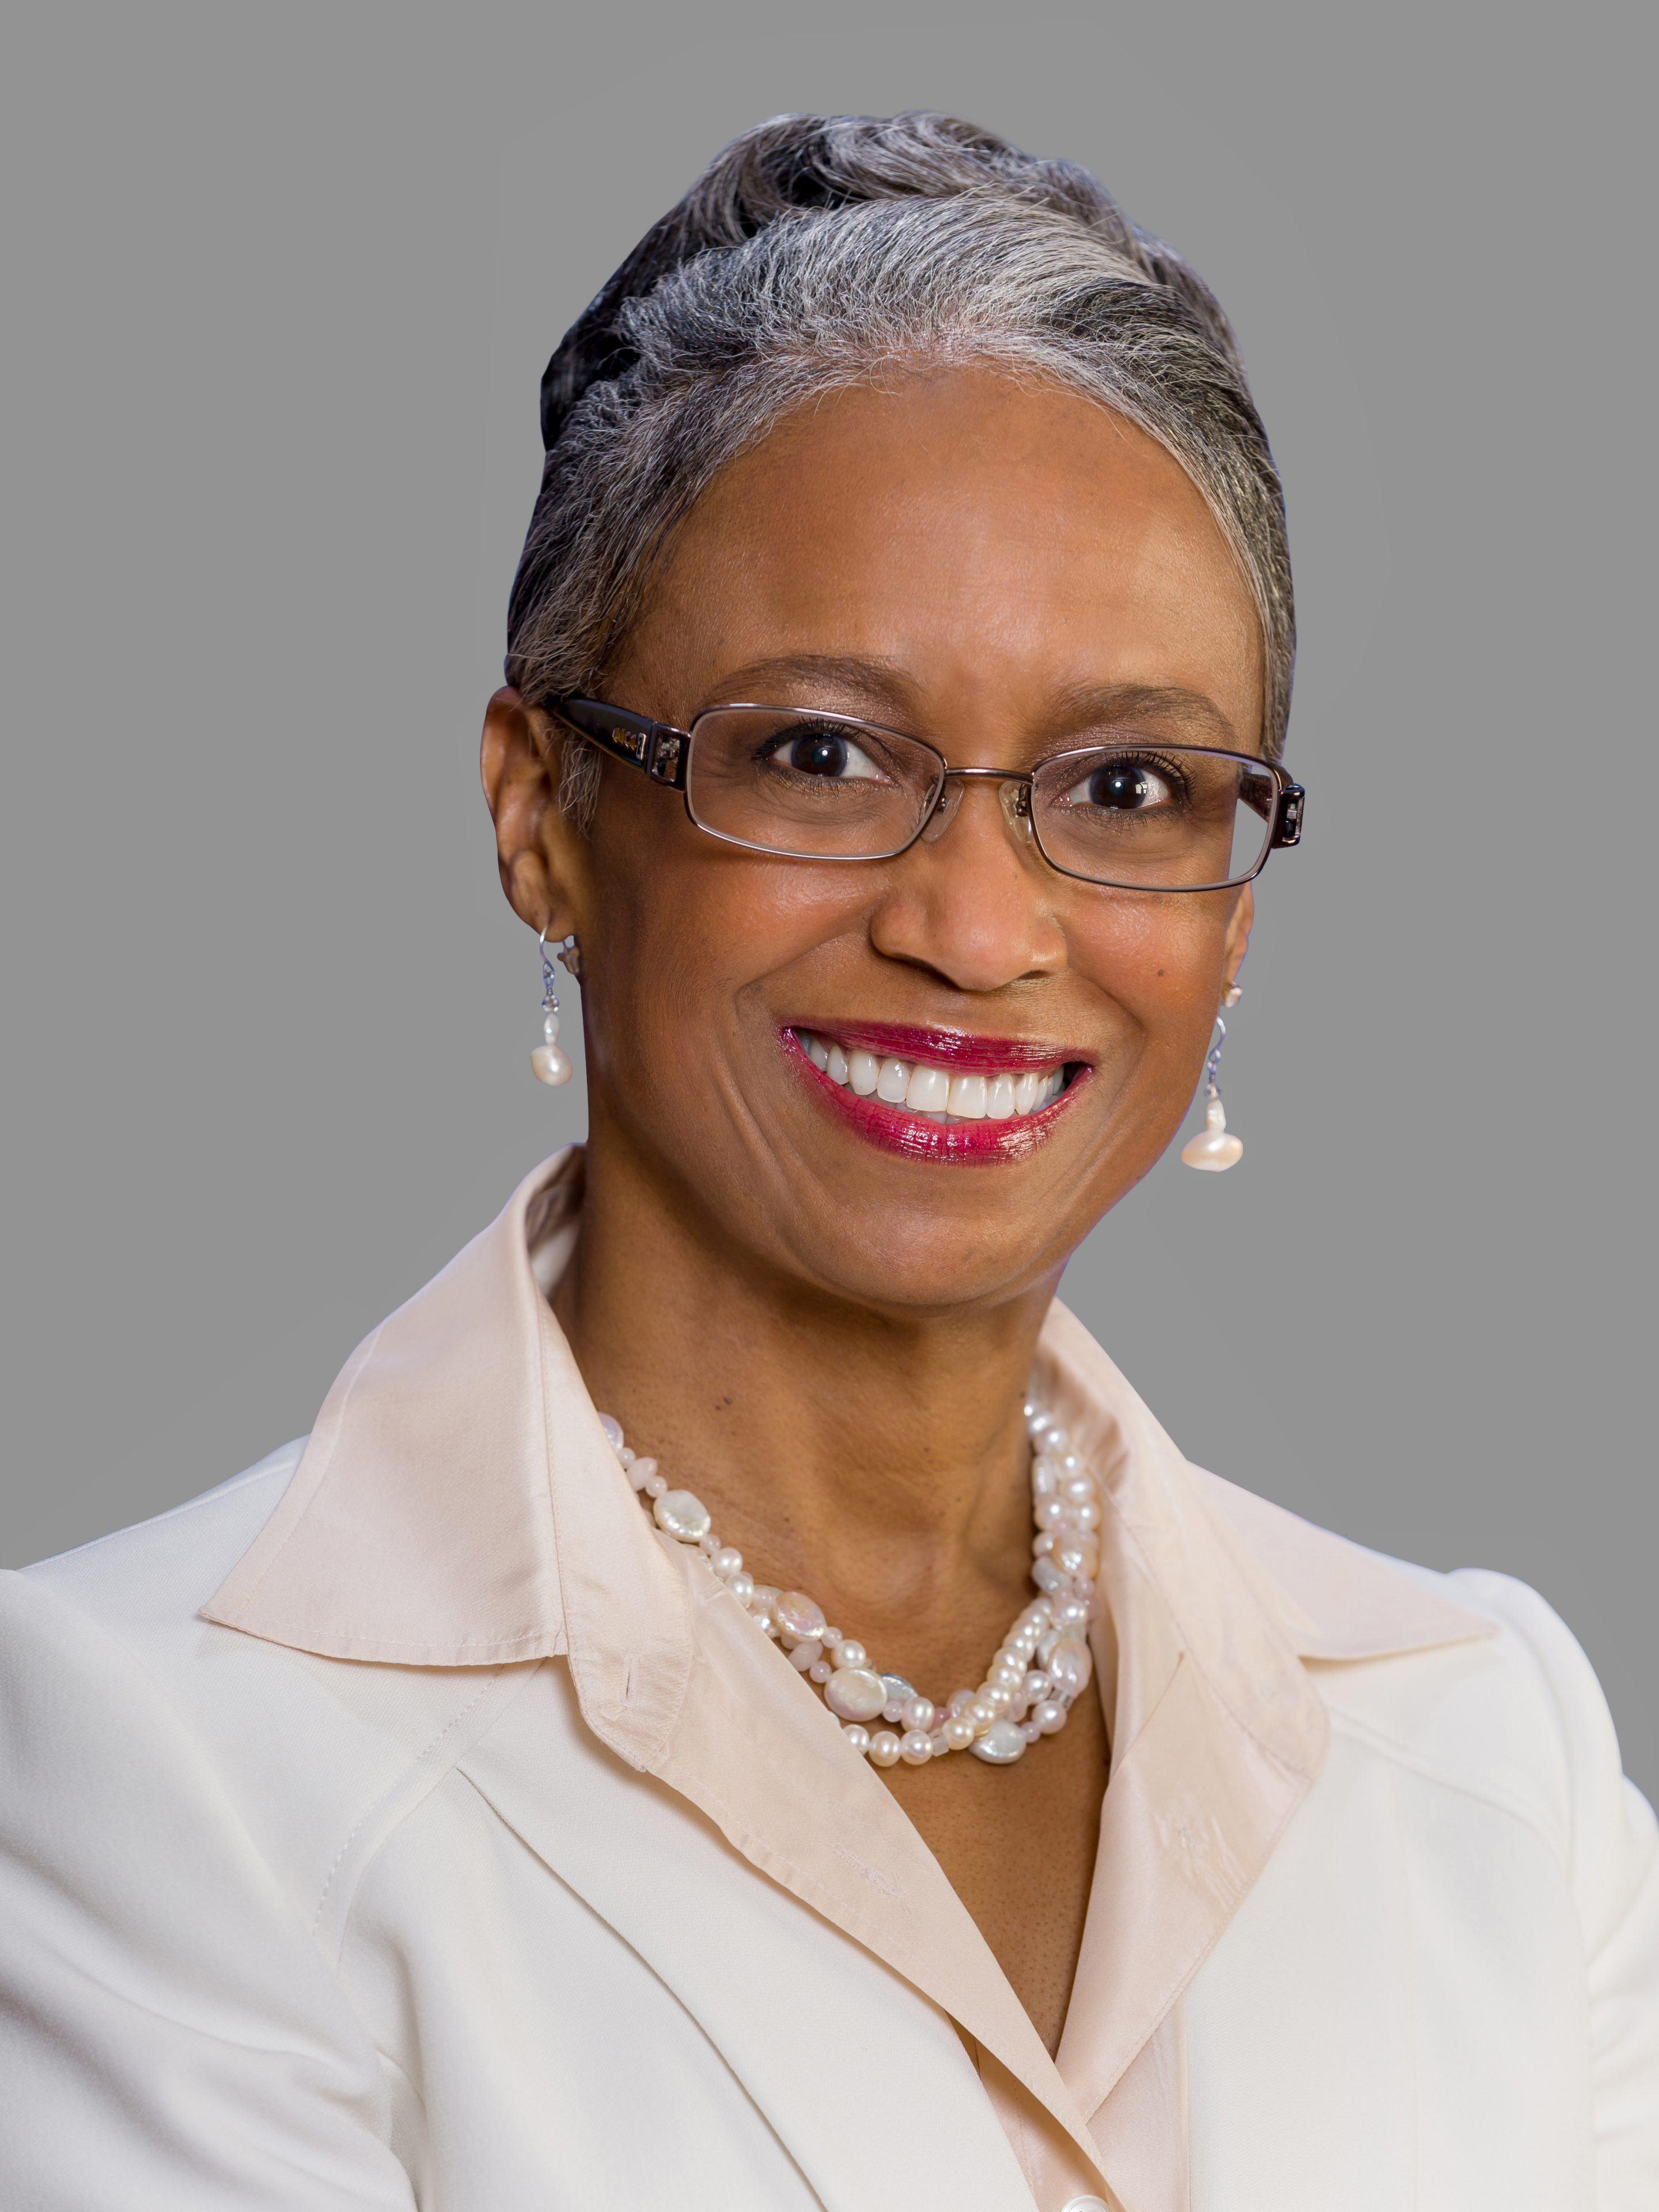 Dr Janalyn Glymph